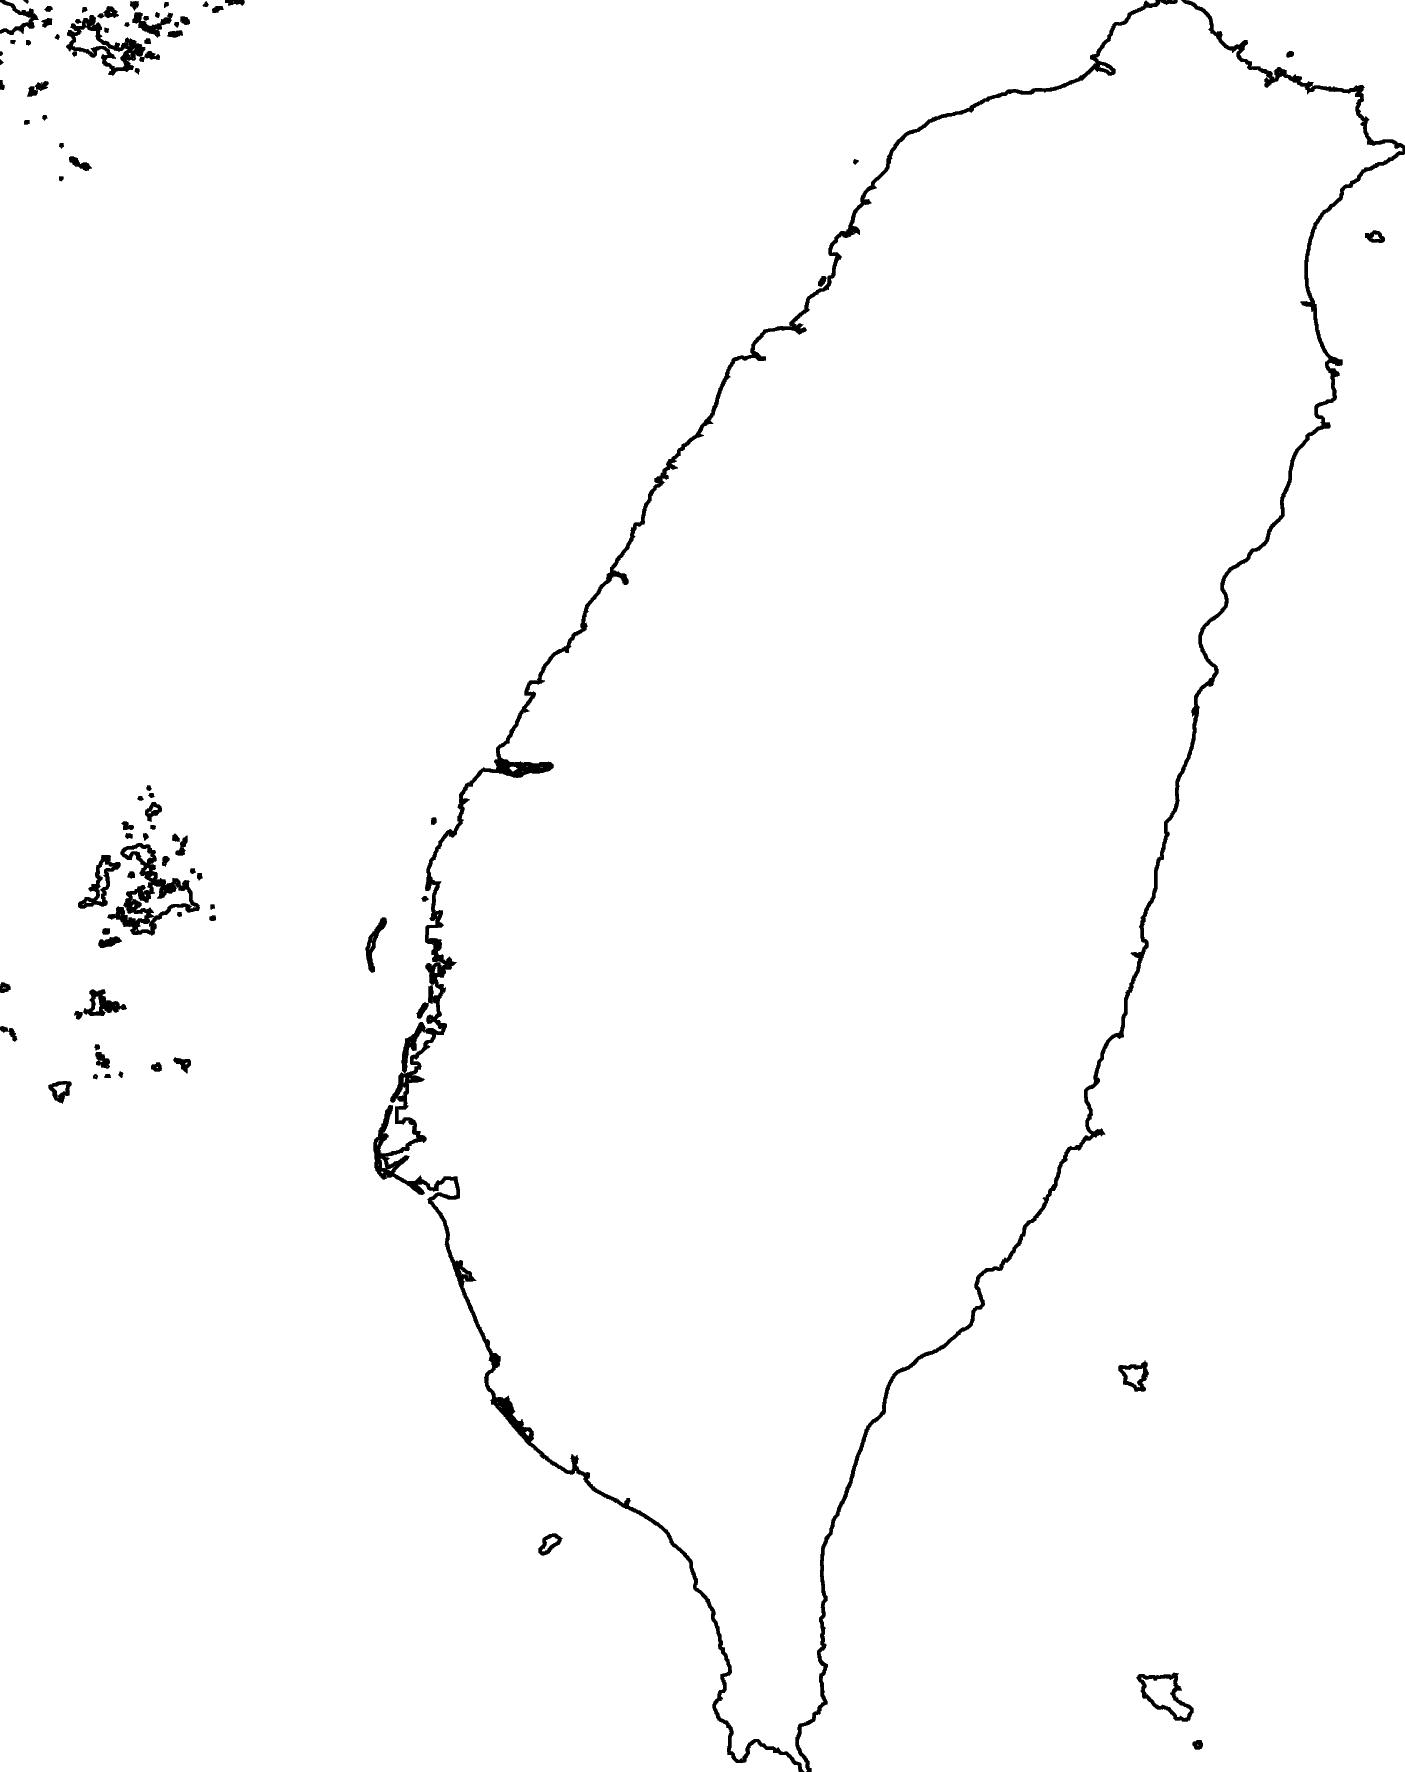 taiwan basemap